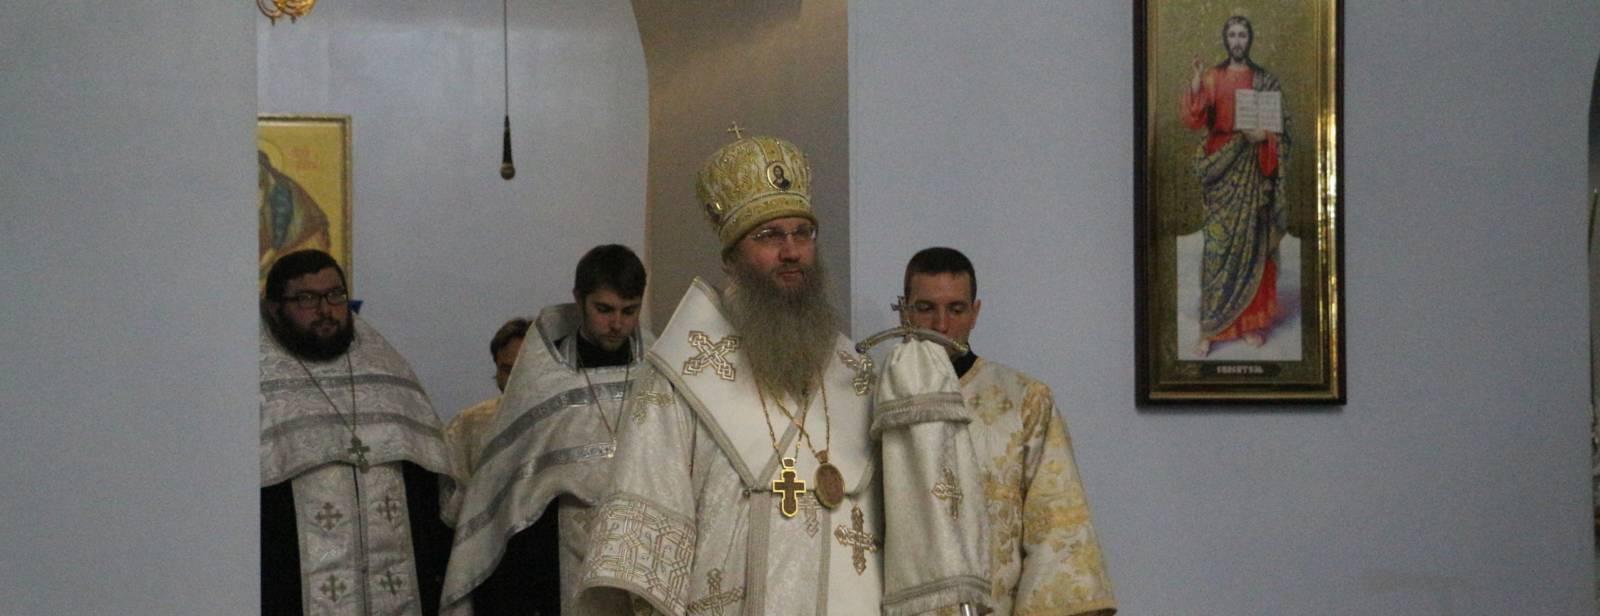 Служение епископа Елисея в канун 33-й недели по пятидесятнице.